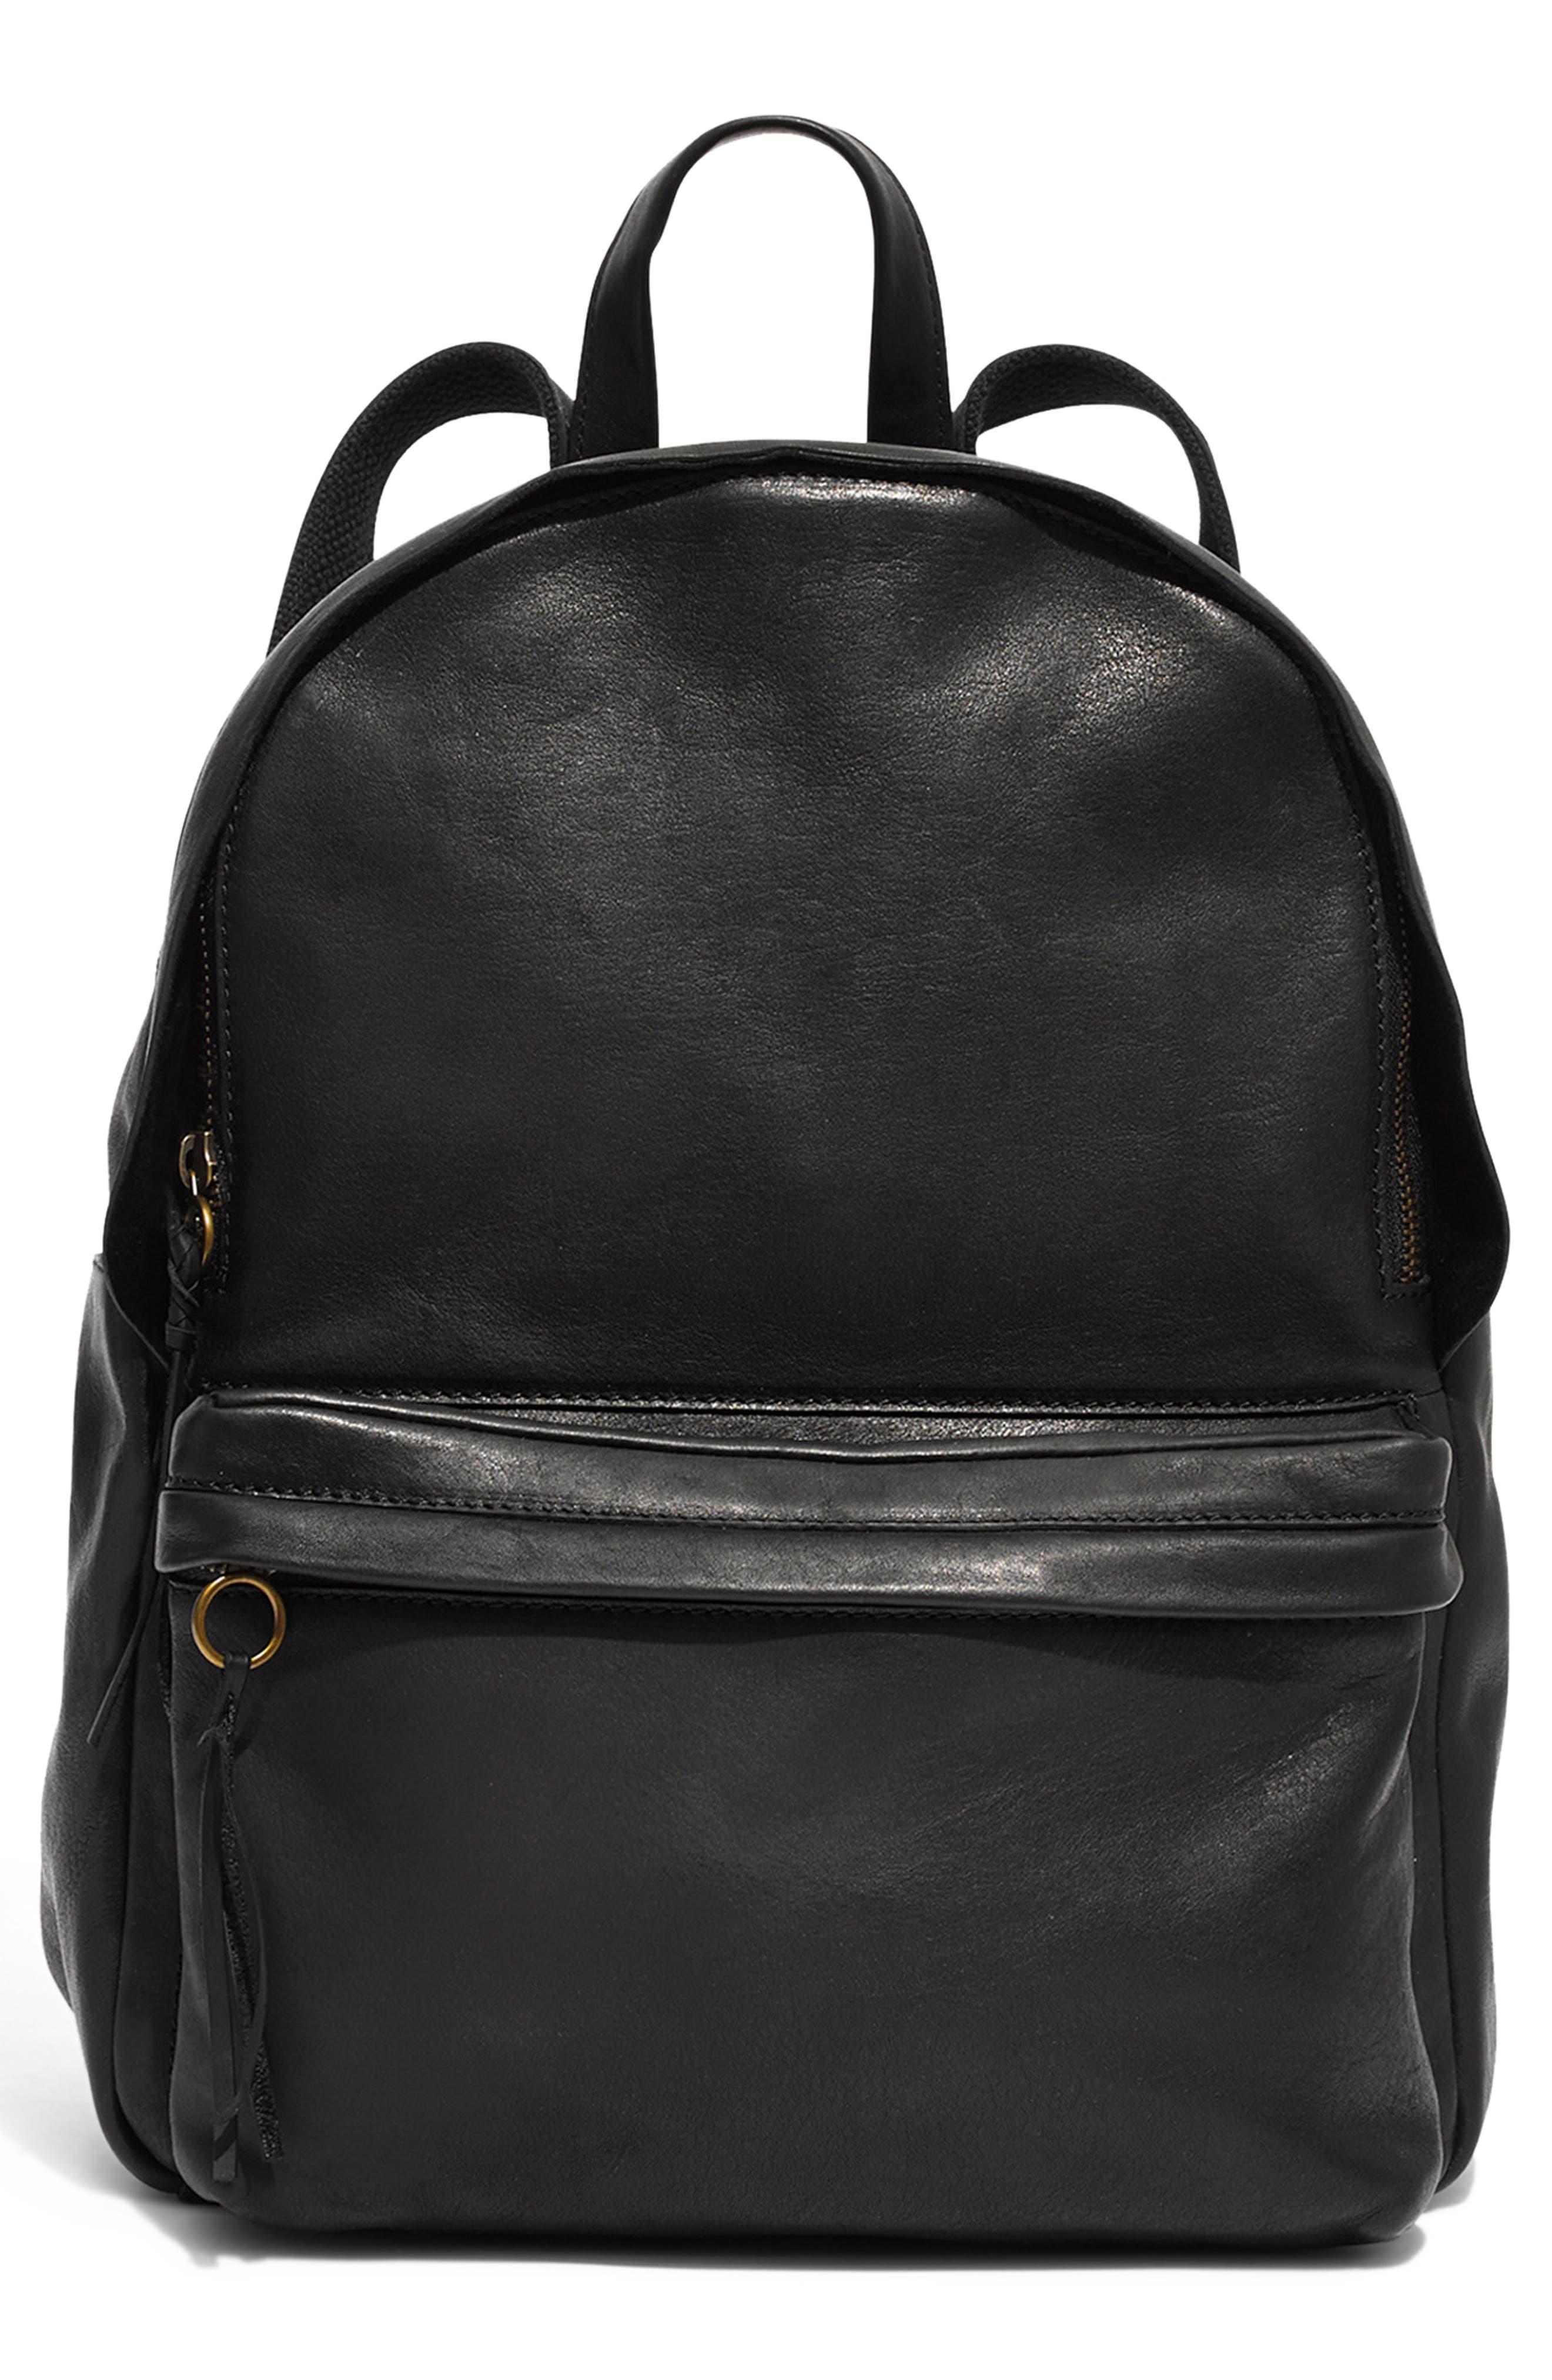 Lorimer Leather Backpack,                         Main,                         color, TRUE BLACK